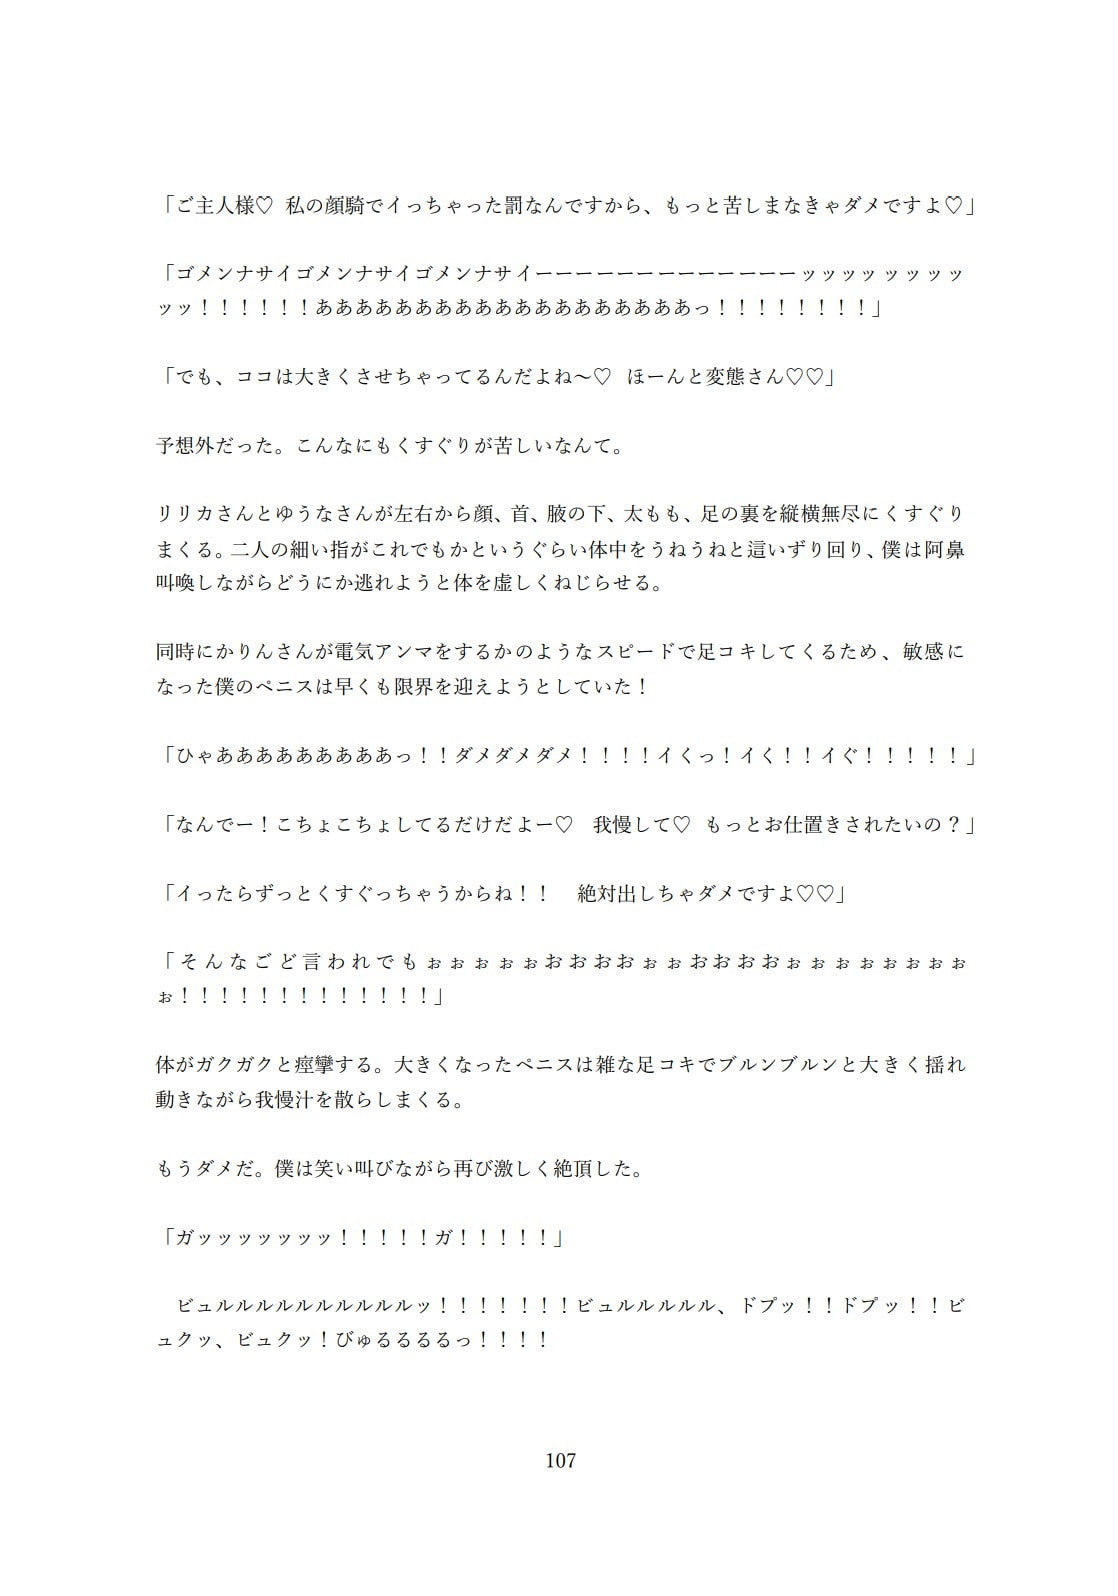 フェチさん向け短編集